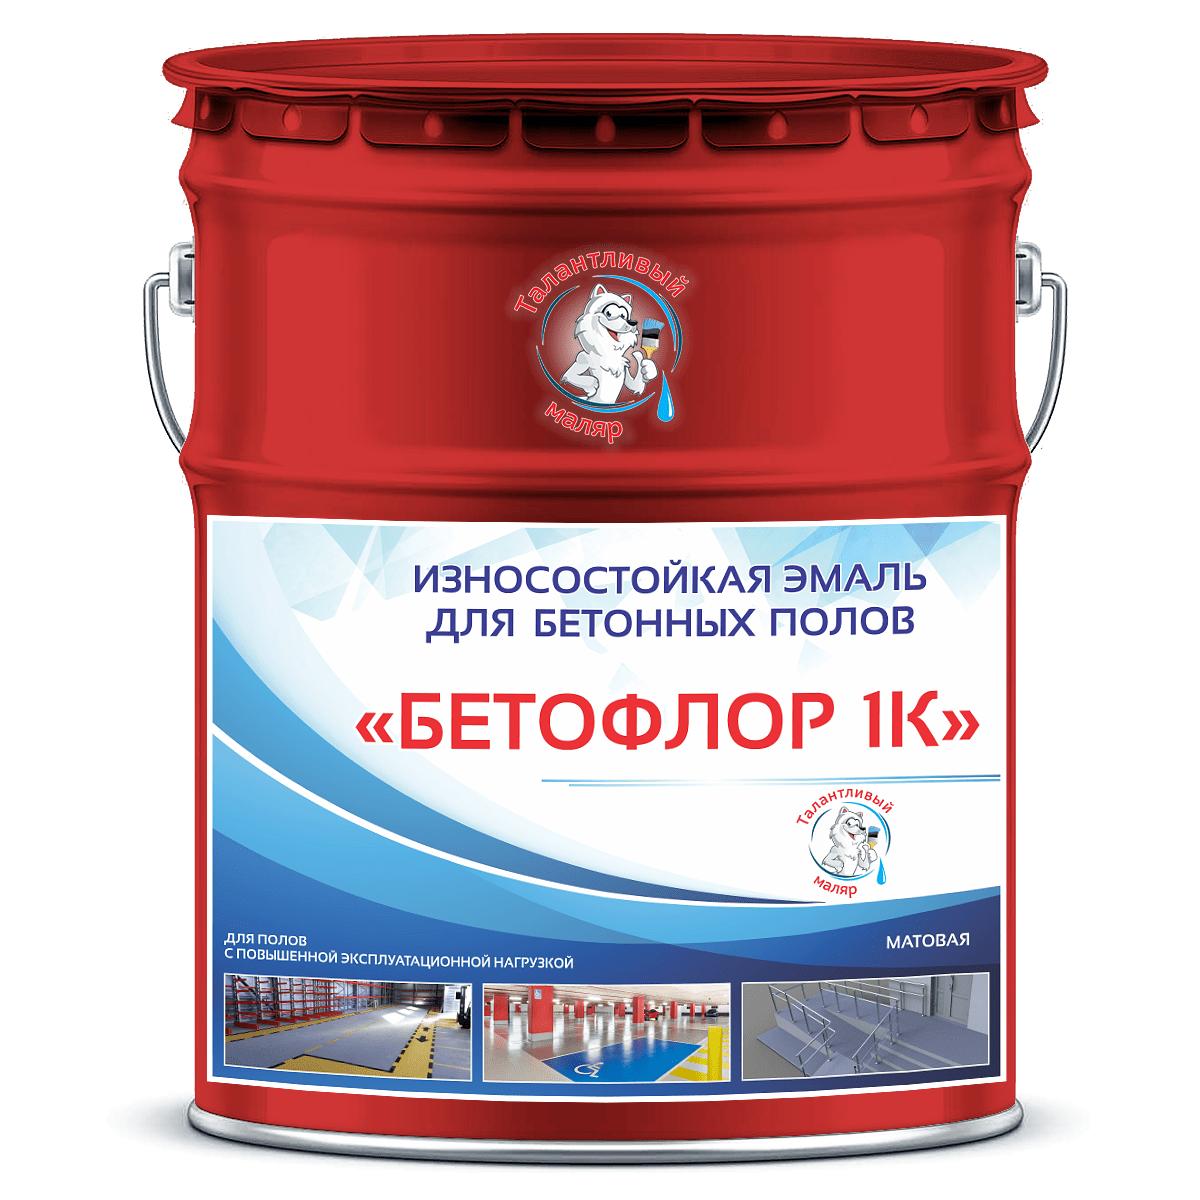 """Фото 2 - BF3001 Эмаль для бетонных полов """"Бетофлор"""" 1К цвет RAL 3001 Сигнальный-красный, матовая износостойкая, 25 кг """"Талантливый Маляр""""."""